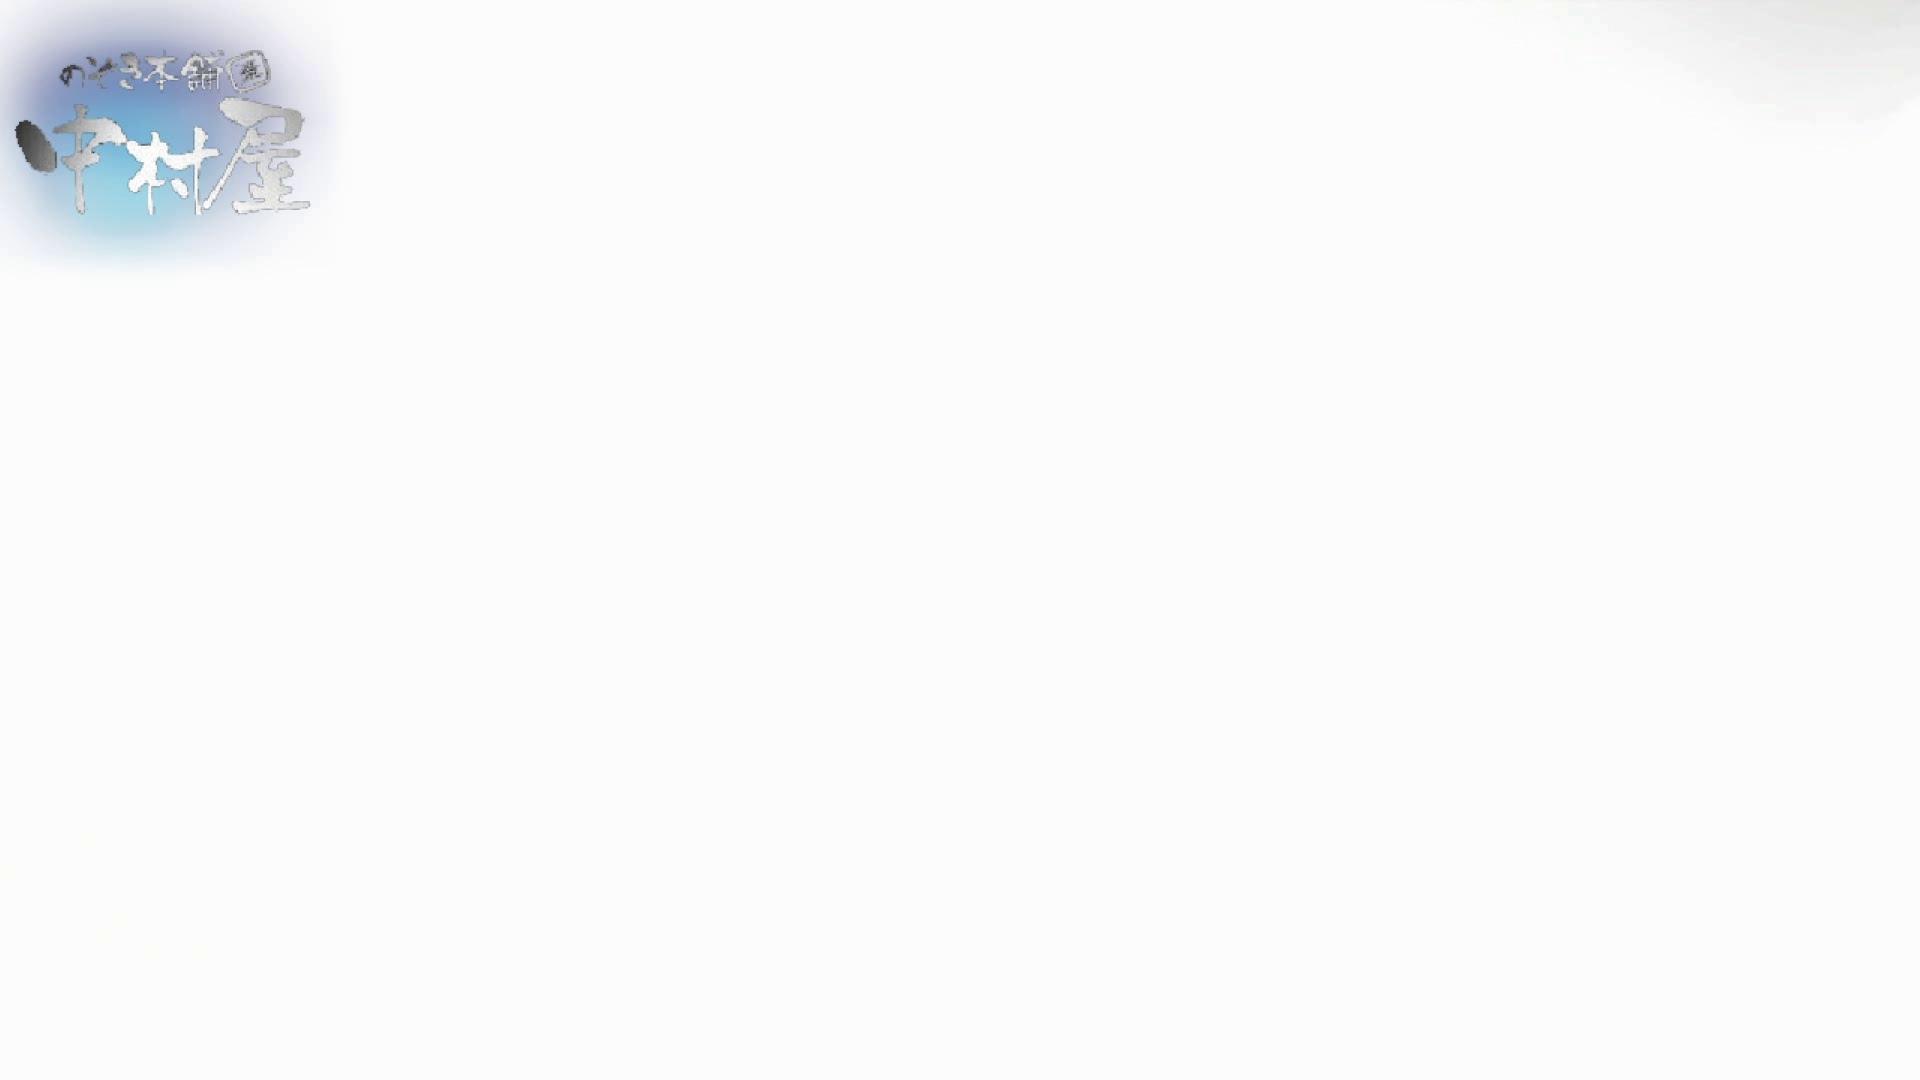 乙女集まる!ショッピングモール潜入撮vol.12 丸見え のぞき動画画像 76連発 16